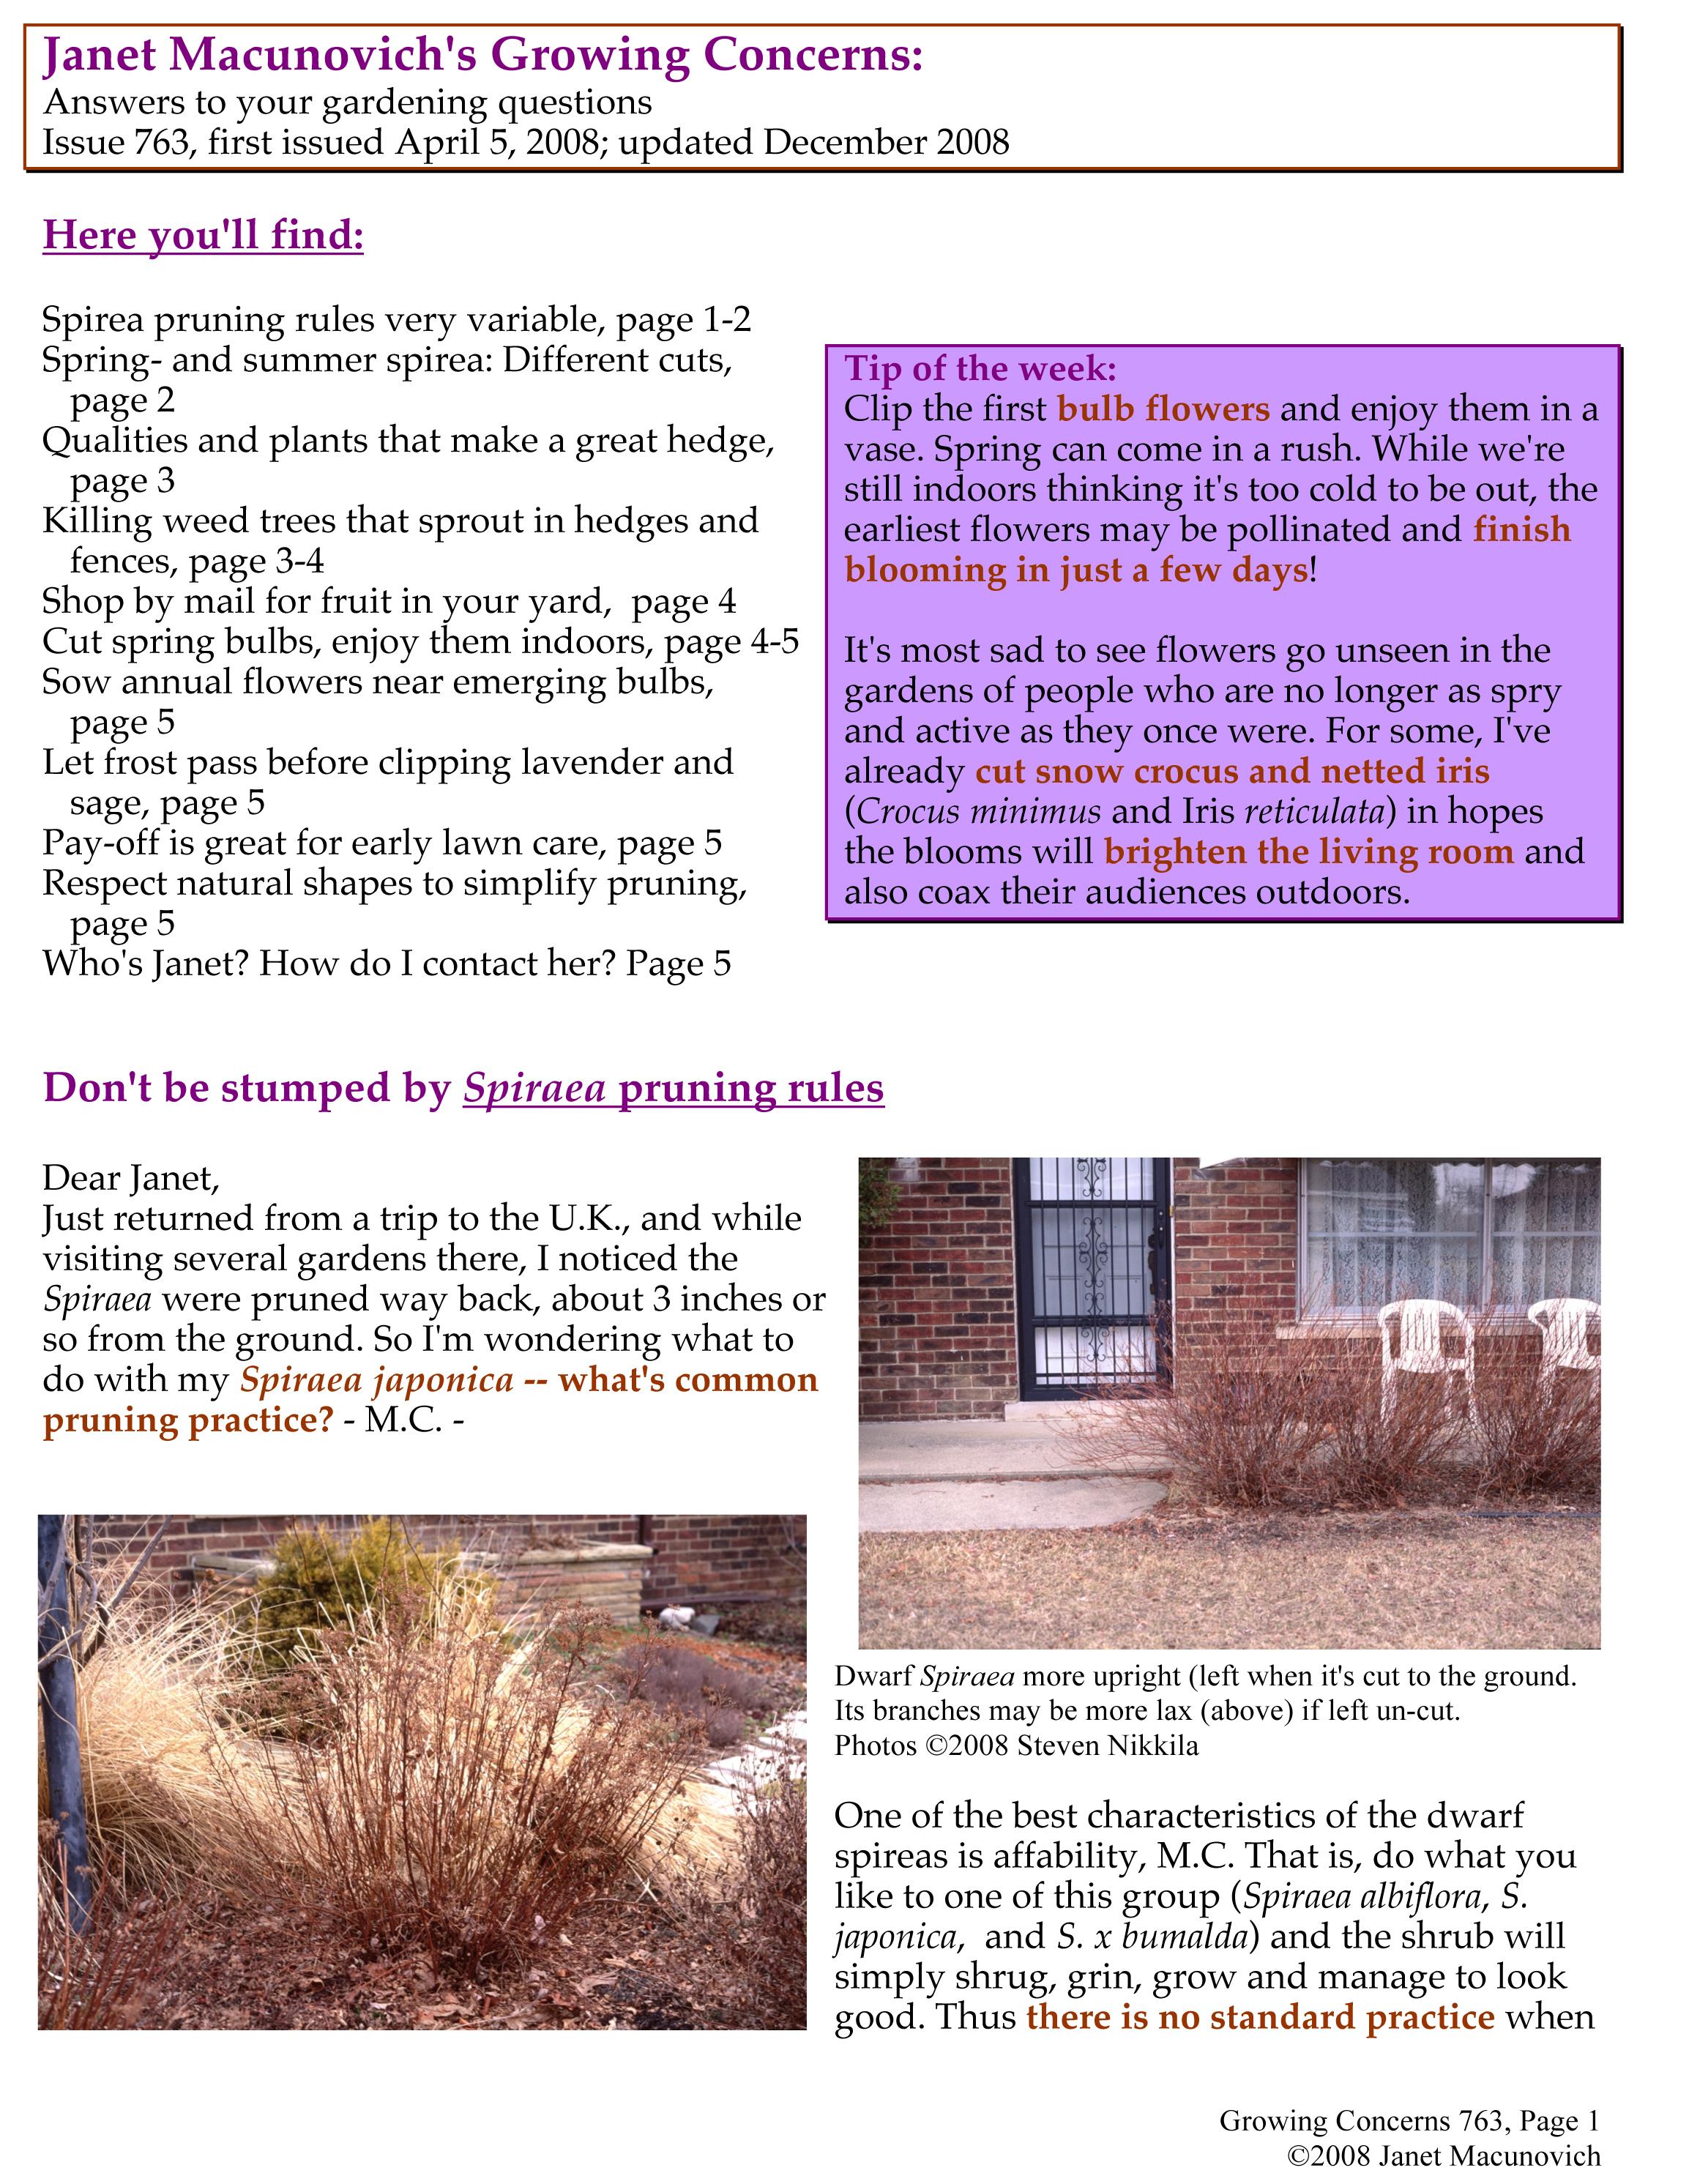 GardenAtoZ Grow 763 Prune spirea kill weed trees Garden A to Z